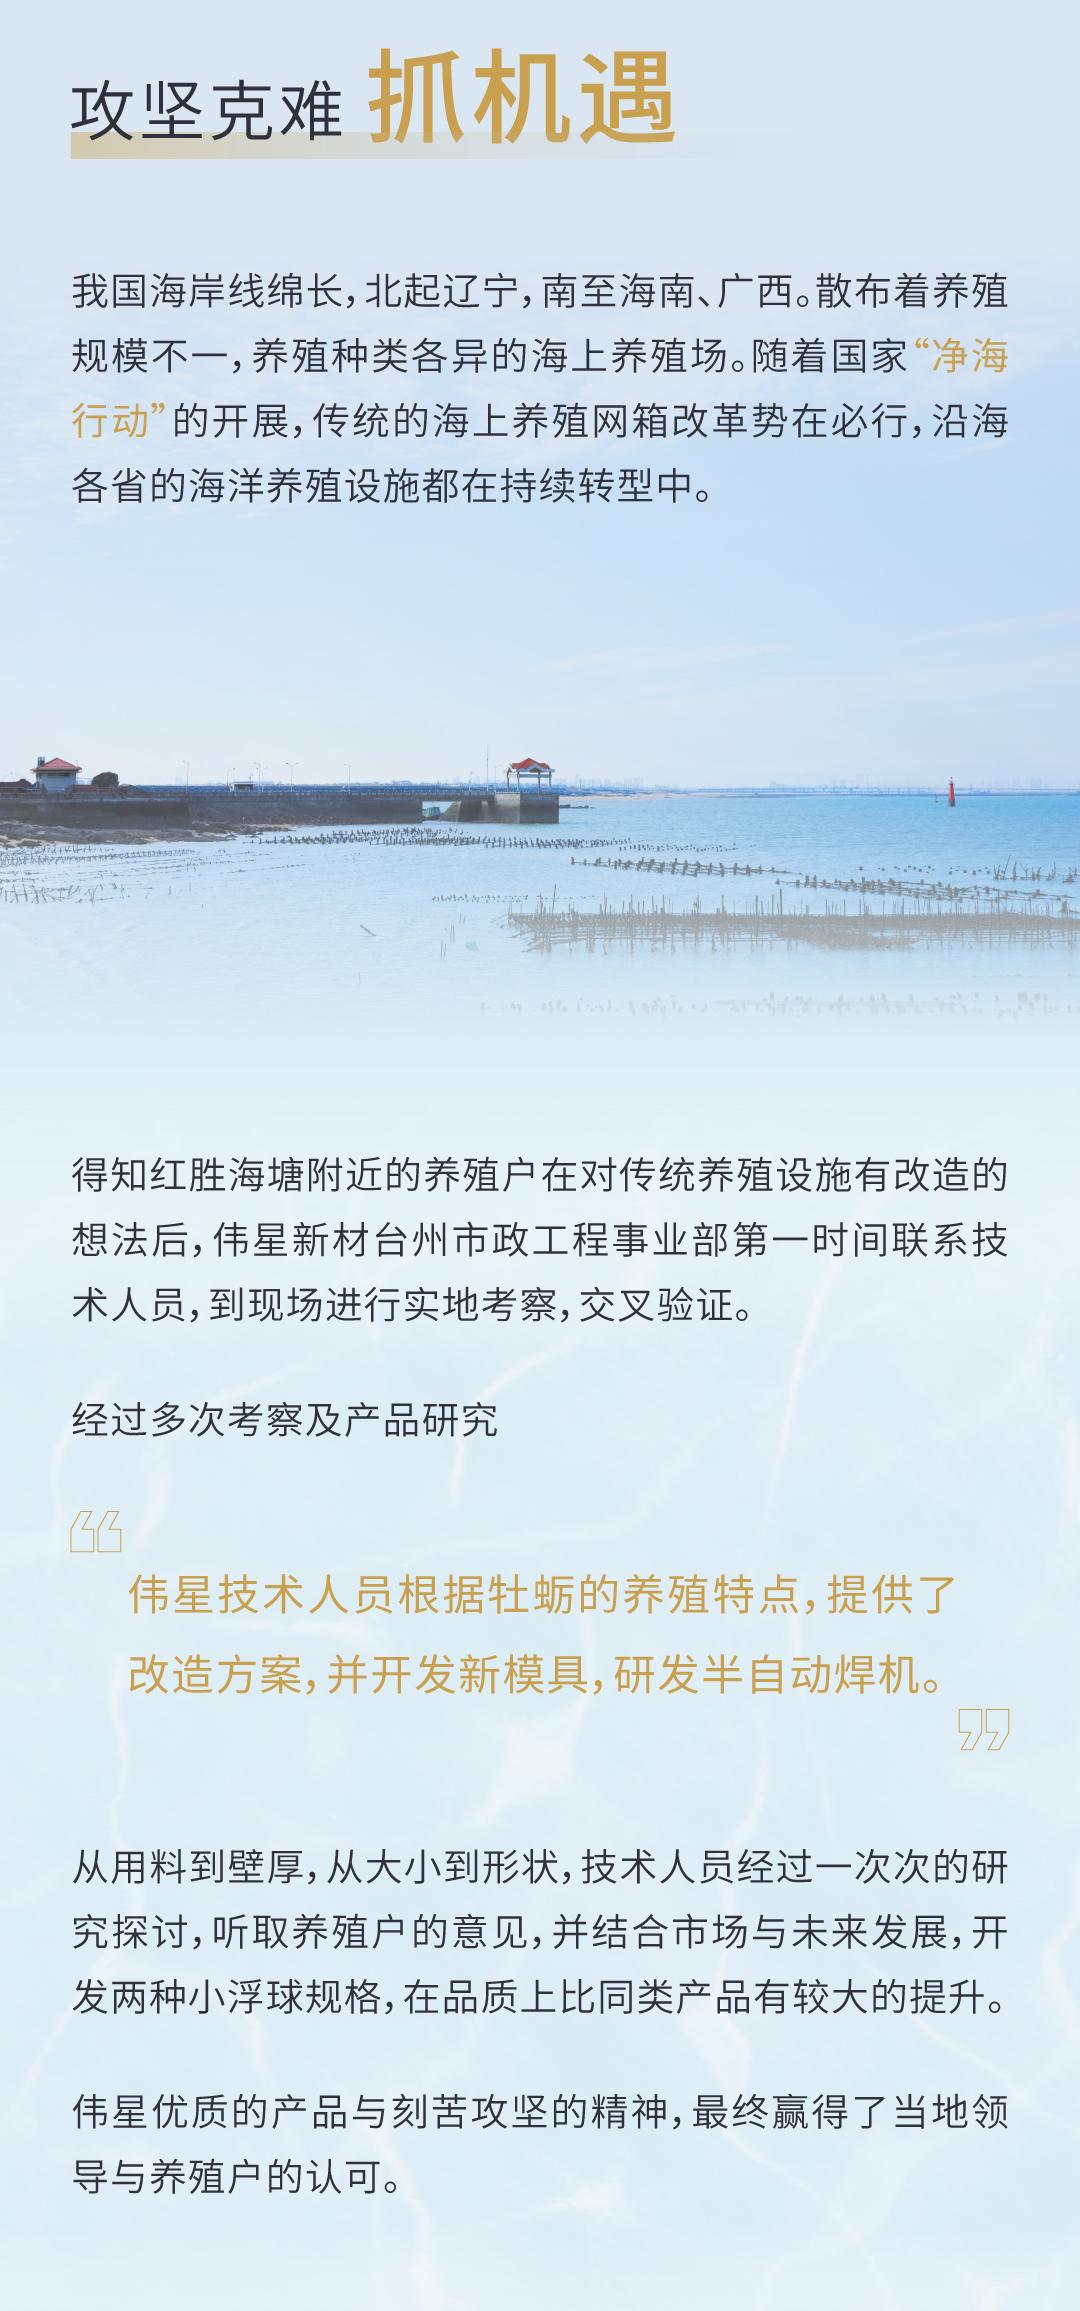 牡蛎养殖微推—9.8_03.jpg